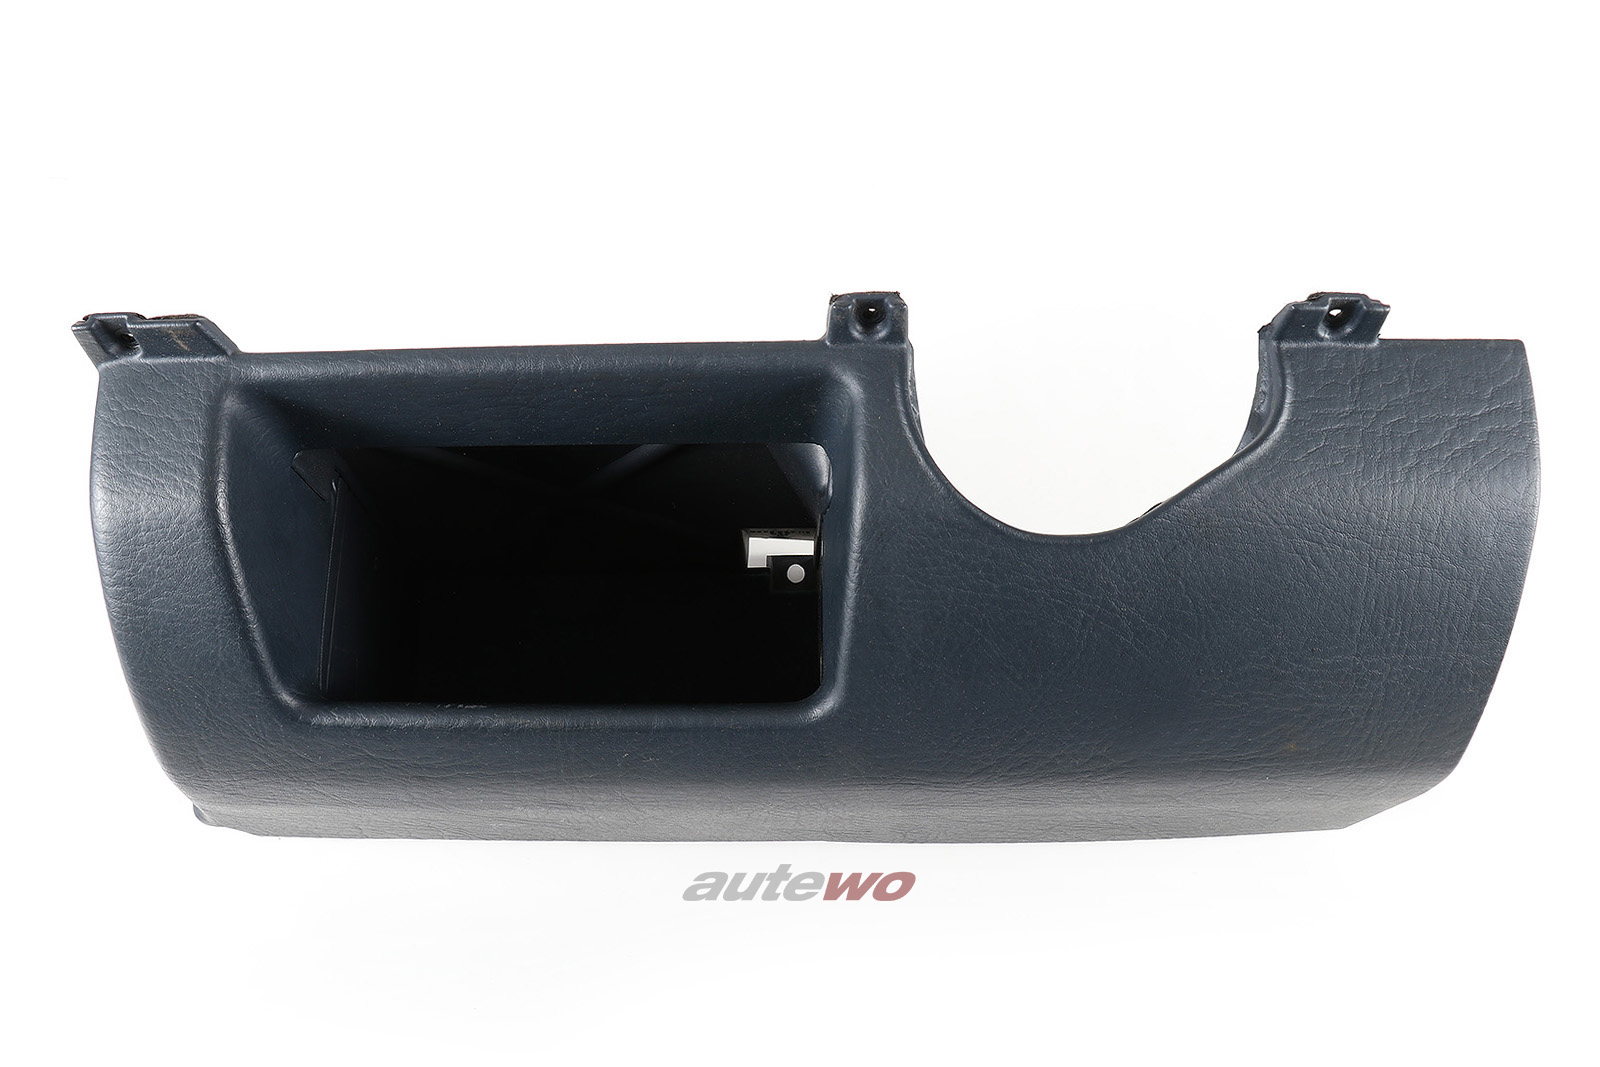 811857921F 811857919 Audi 80/90/Coupe Typ 81/85 Ablagefach 1GY marine blau